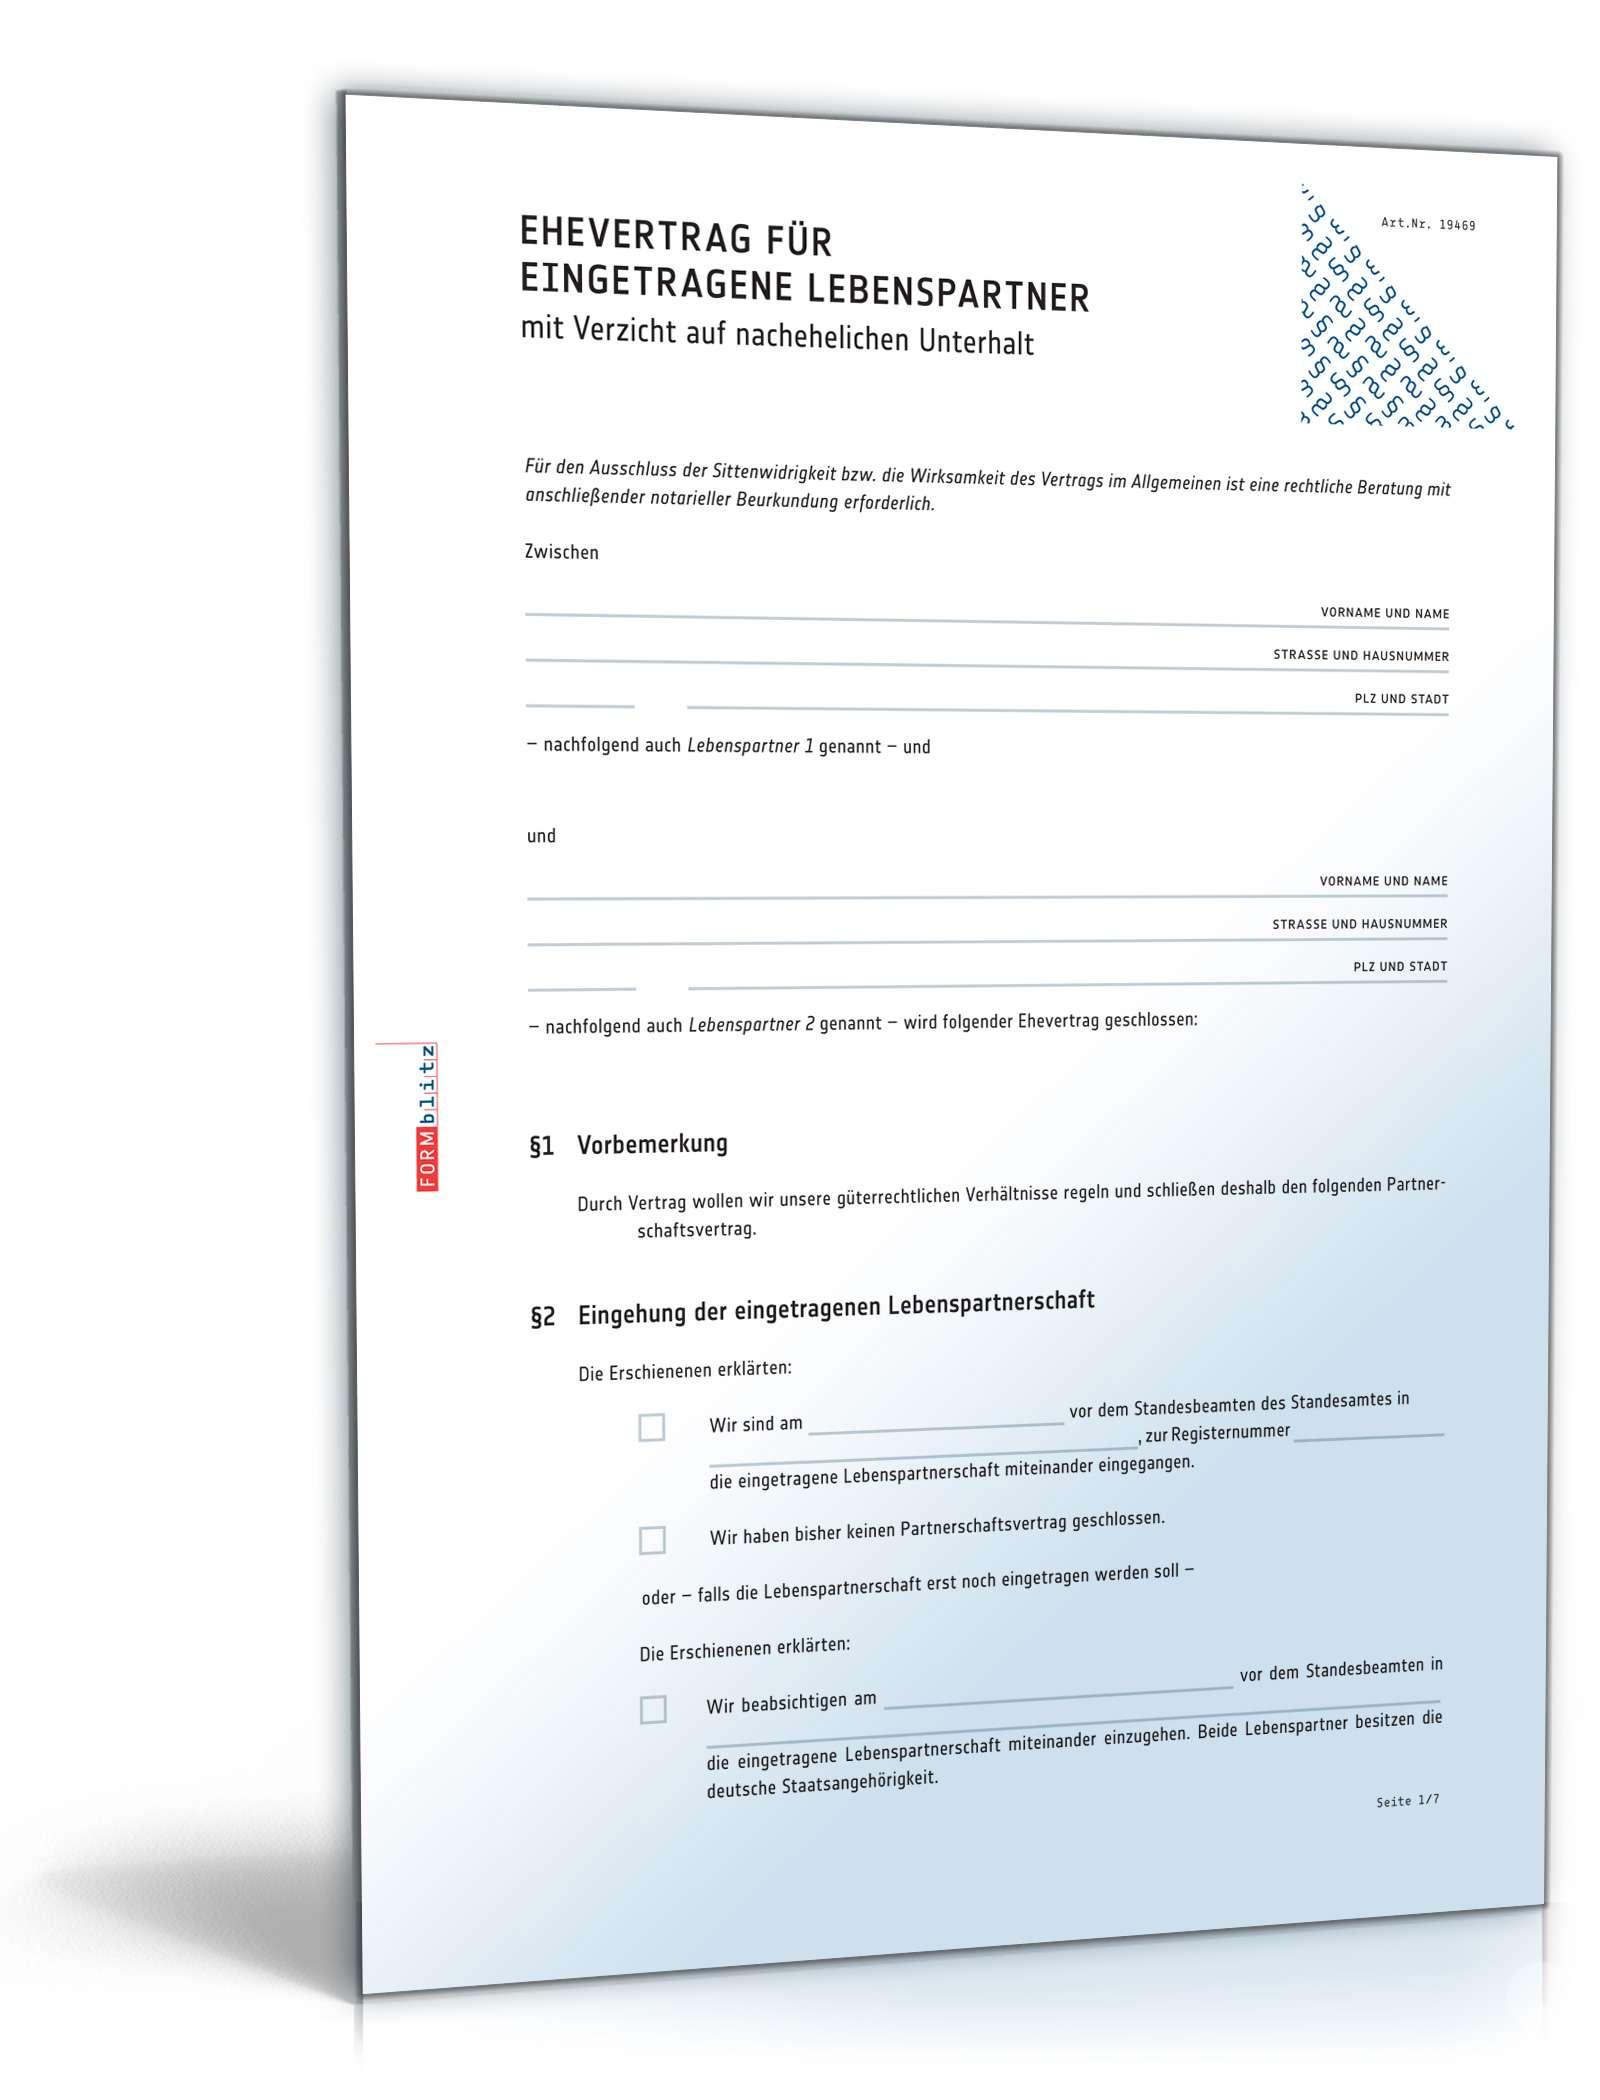 Ehevertrag eingetragene Lebenspartnerschaft | Vorlage zum Download